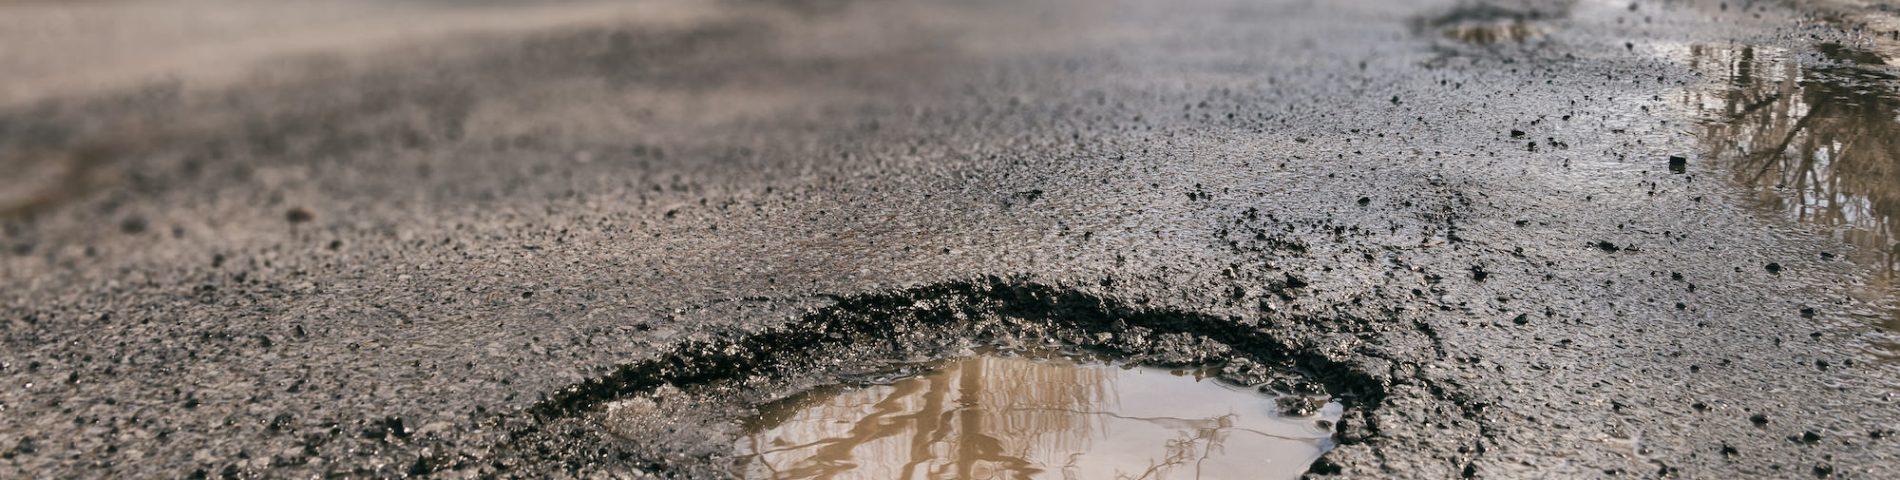 Pothole season in Ohio